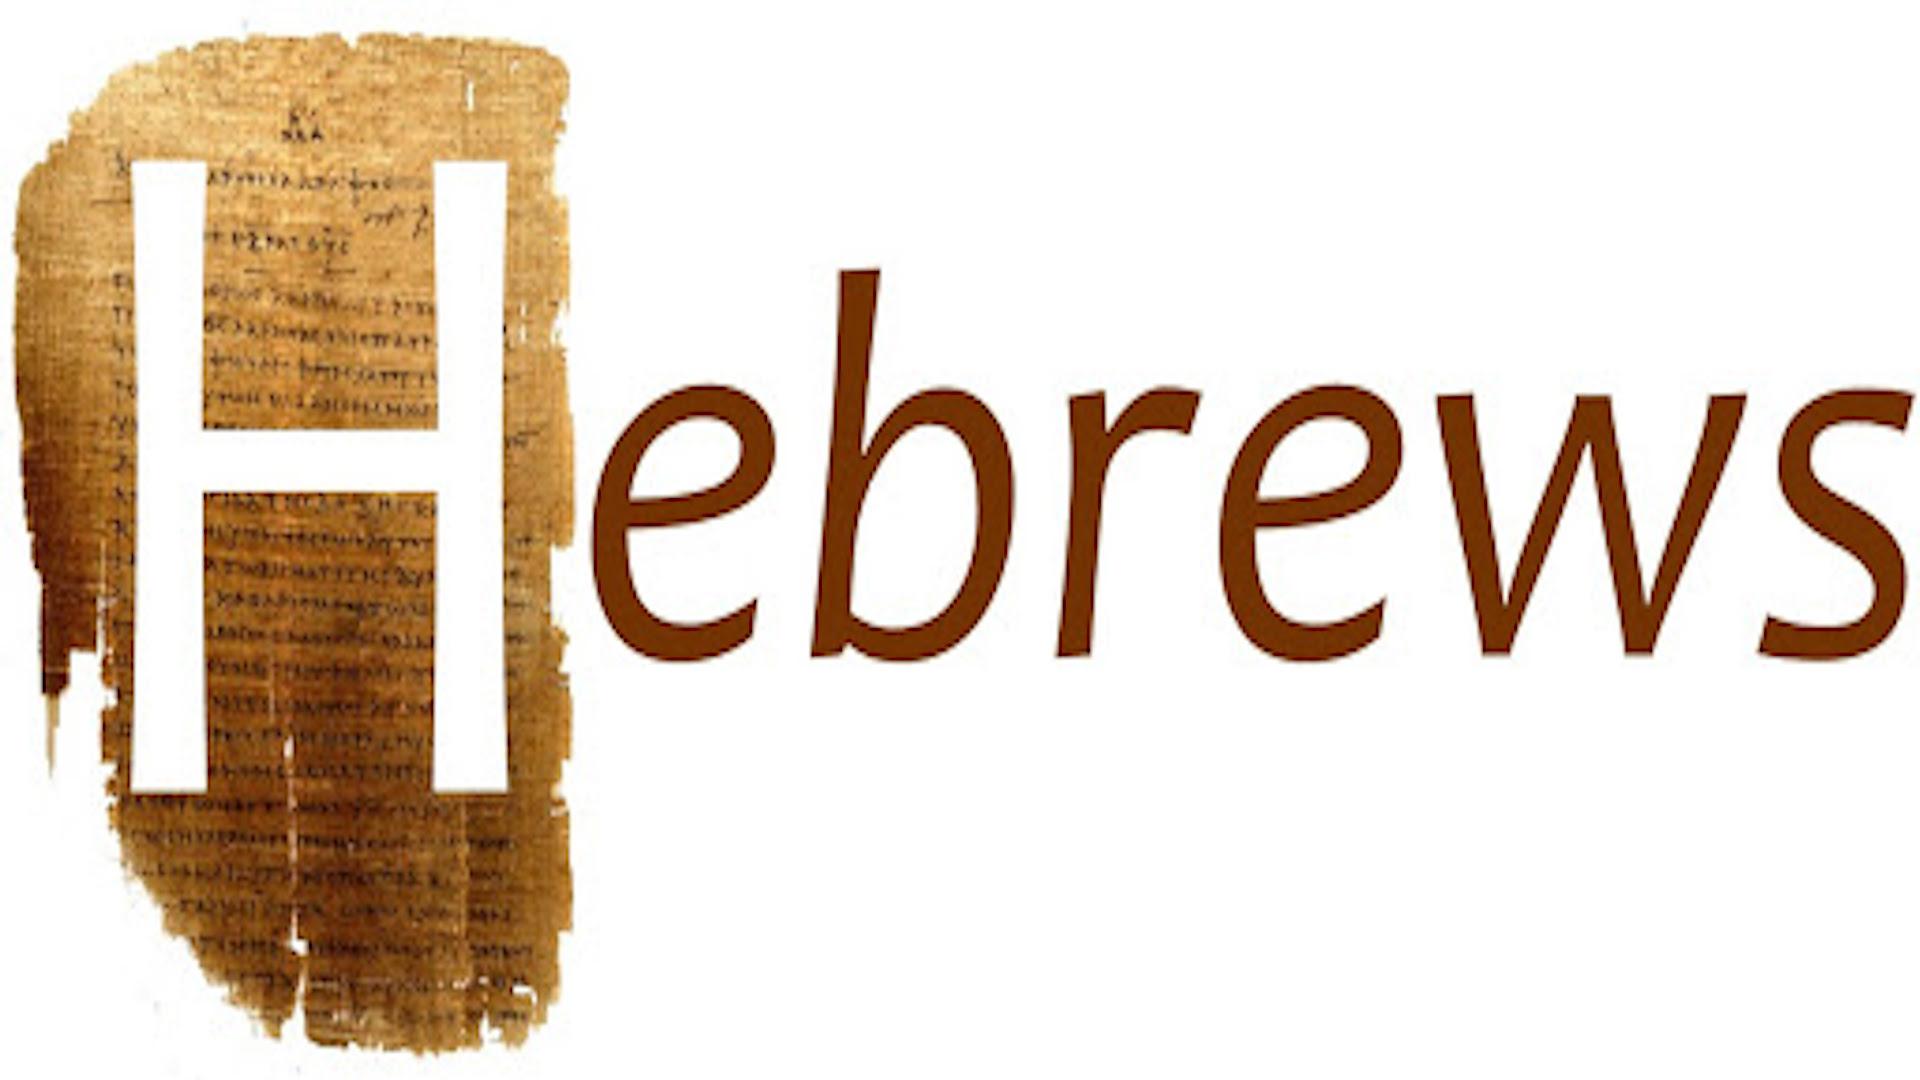 Hebrews 2:5-9